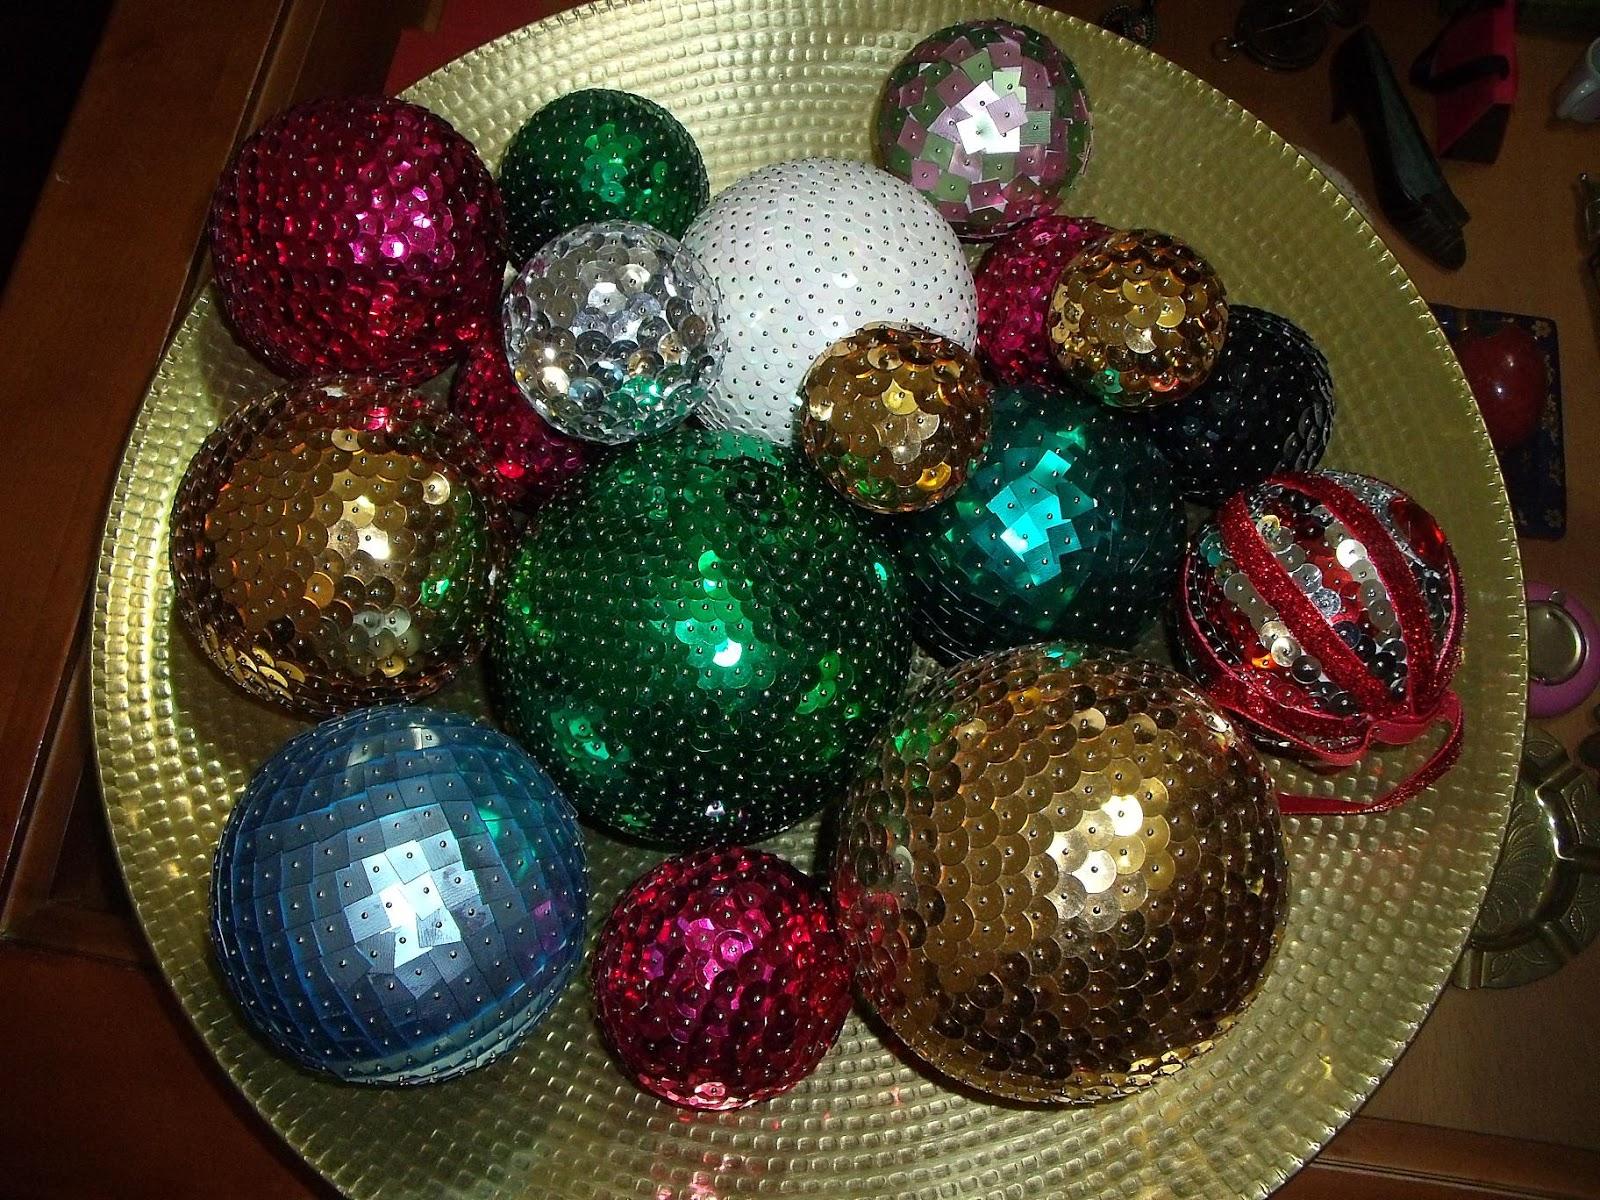 Manualizando mas bolas de navidad - Como hacer bolas para el arbol de navidad ...